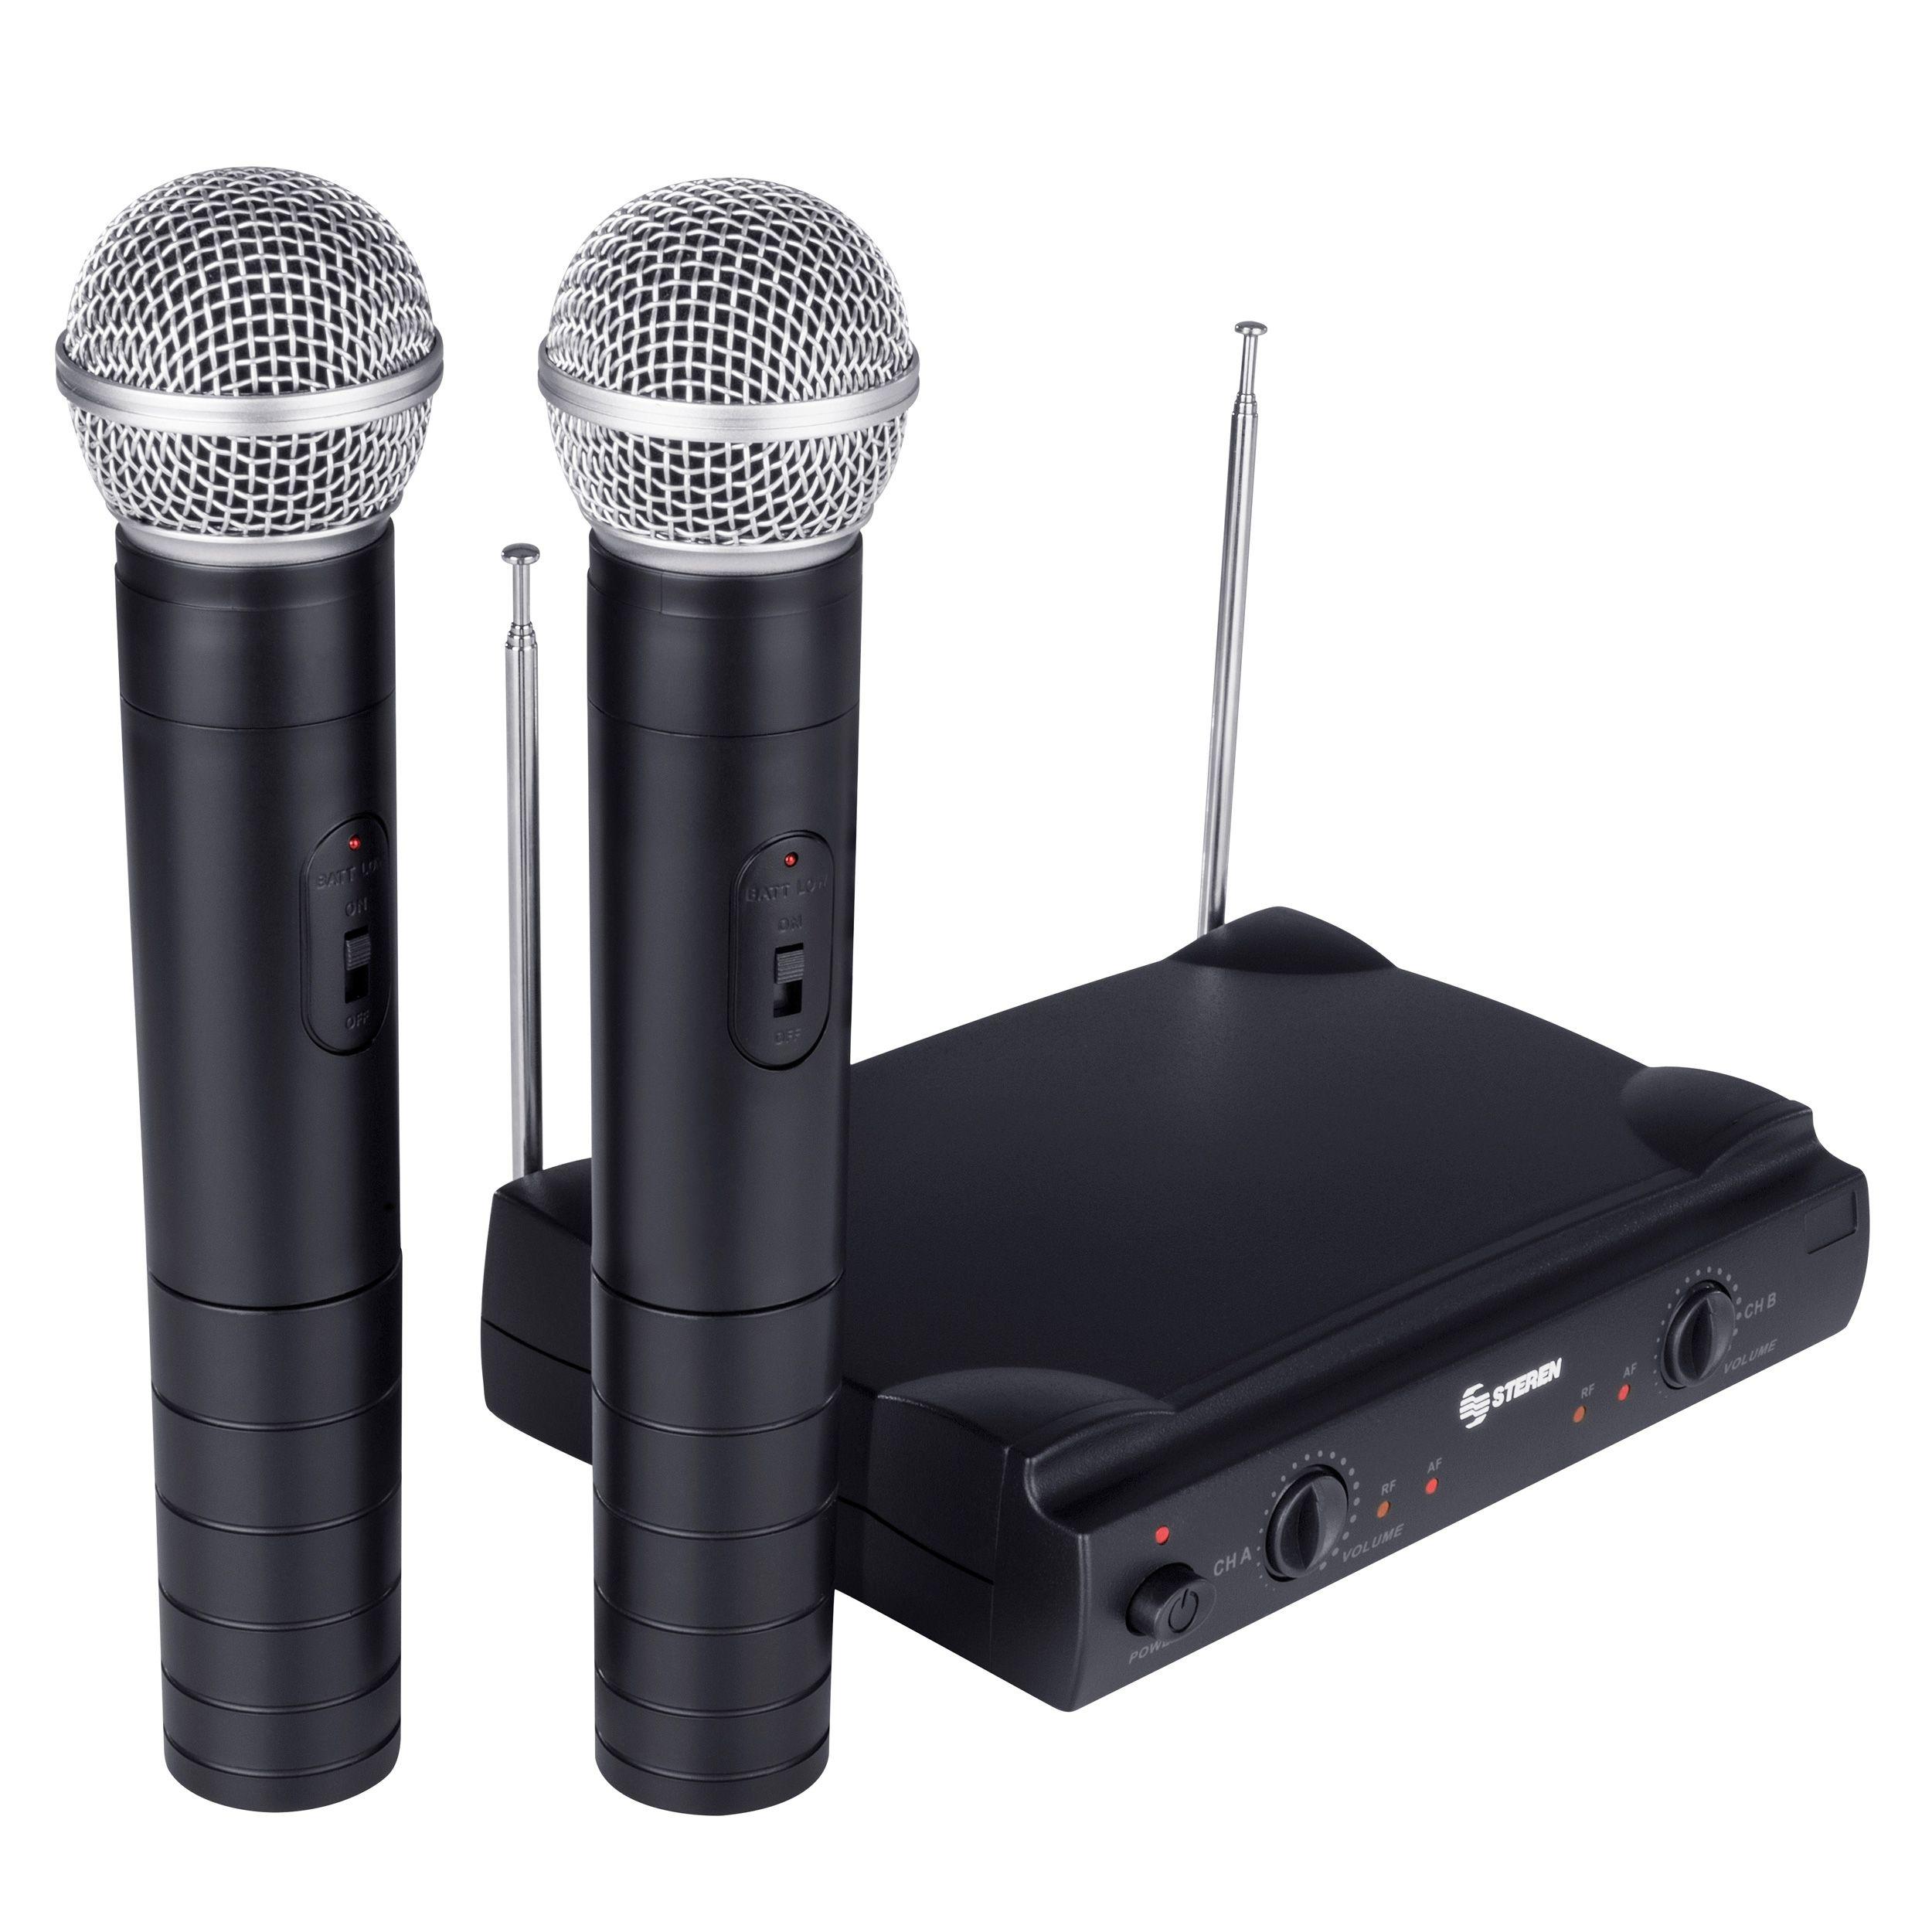 juego-de-2-microfonos-inalambricos-vhf.jpg